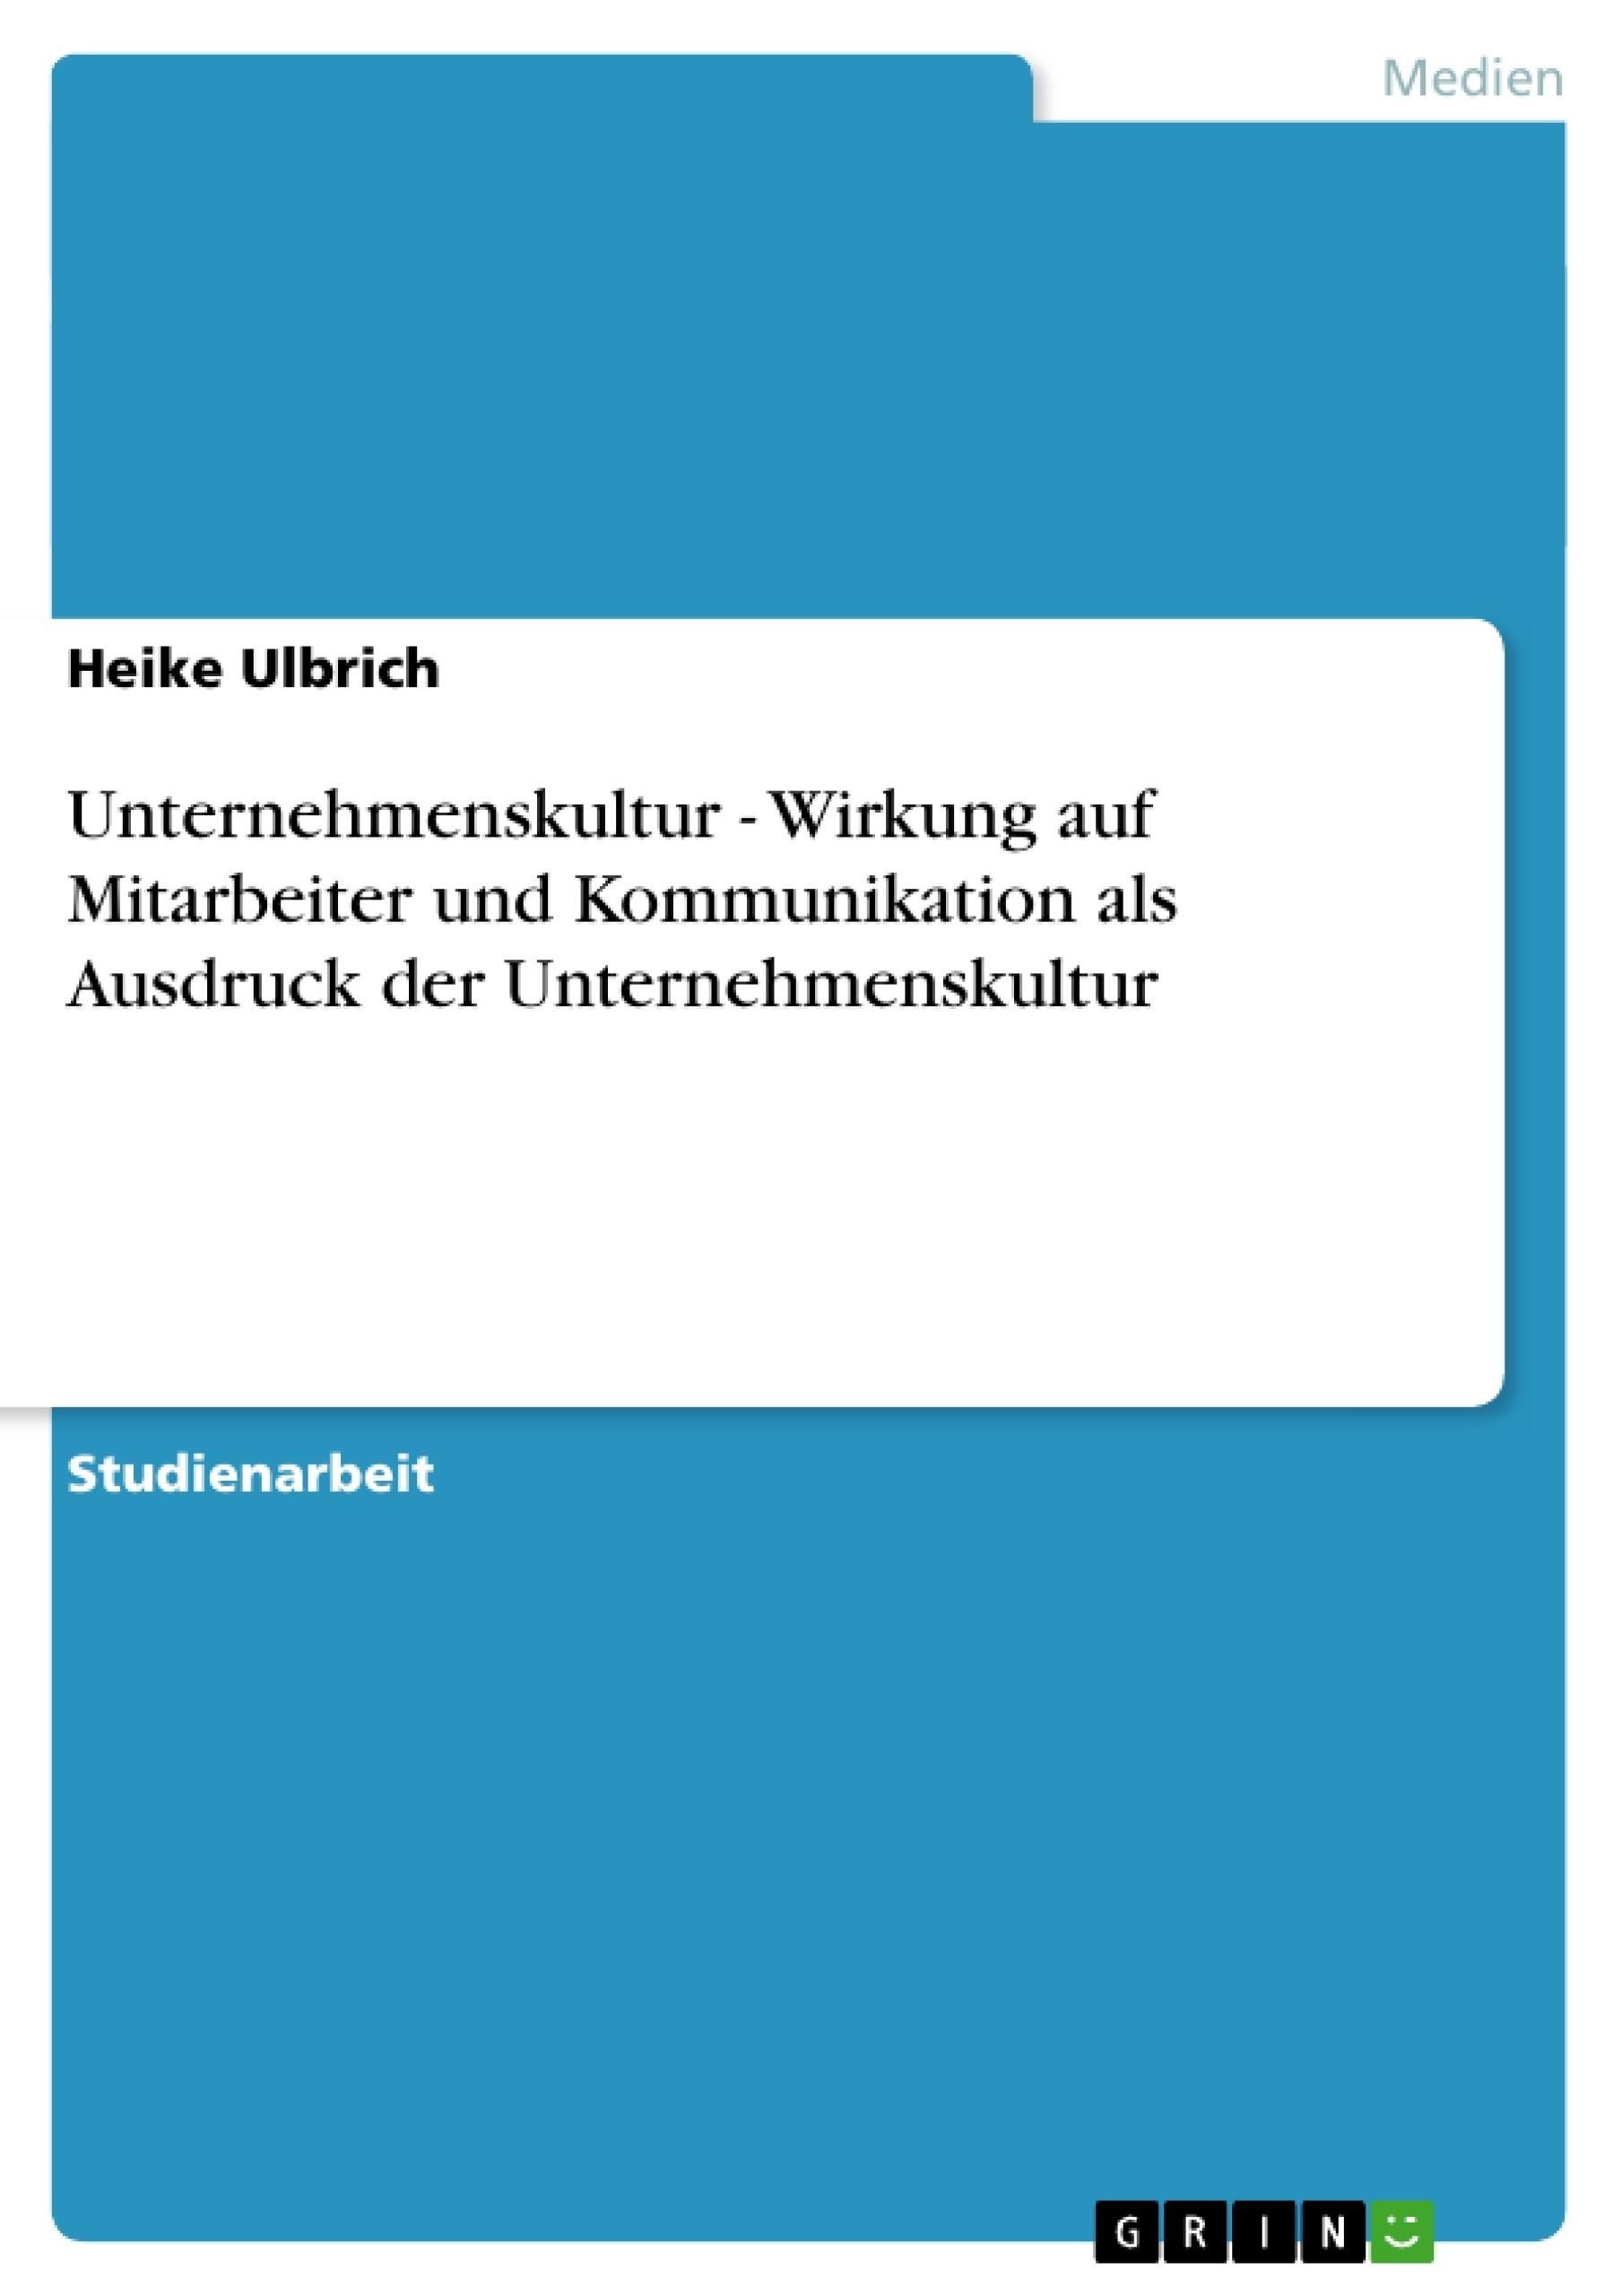 Titel: Unternehmenskultur - Wirkung auf Mitarbeiter und Kommunikation als Ausdruck der Unternehmenskultur